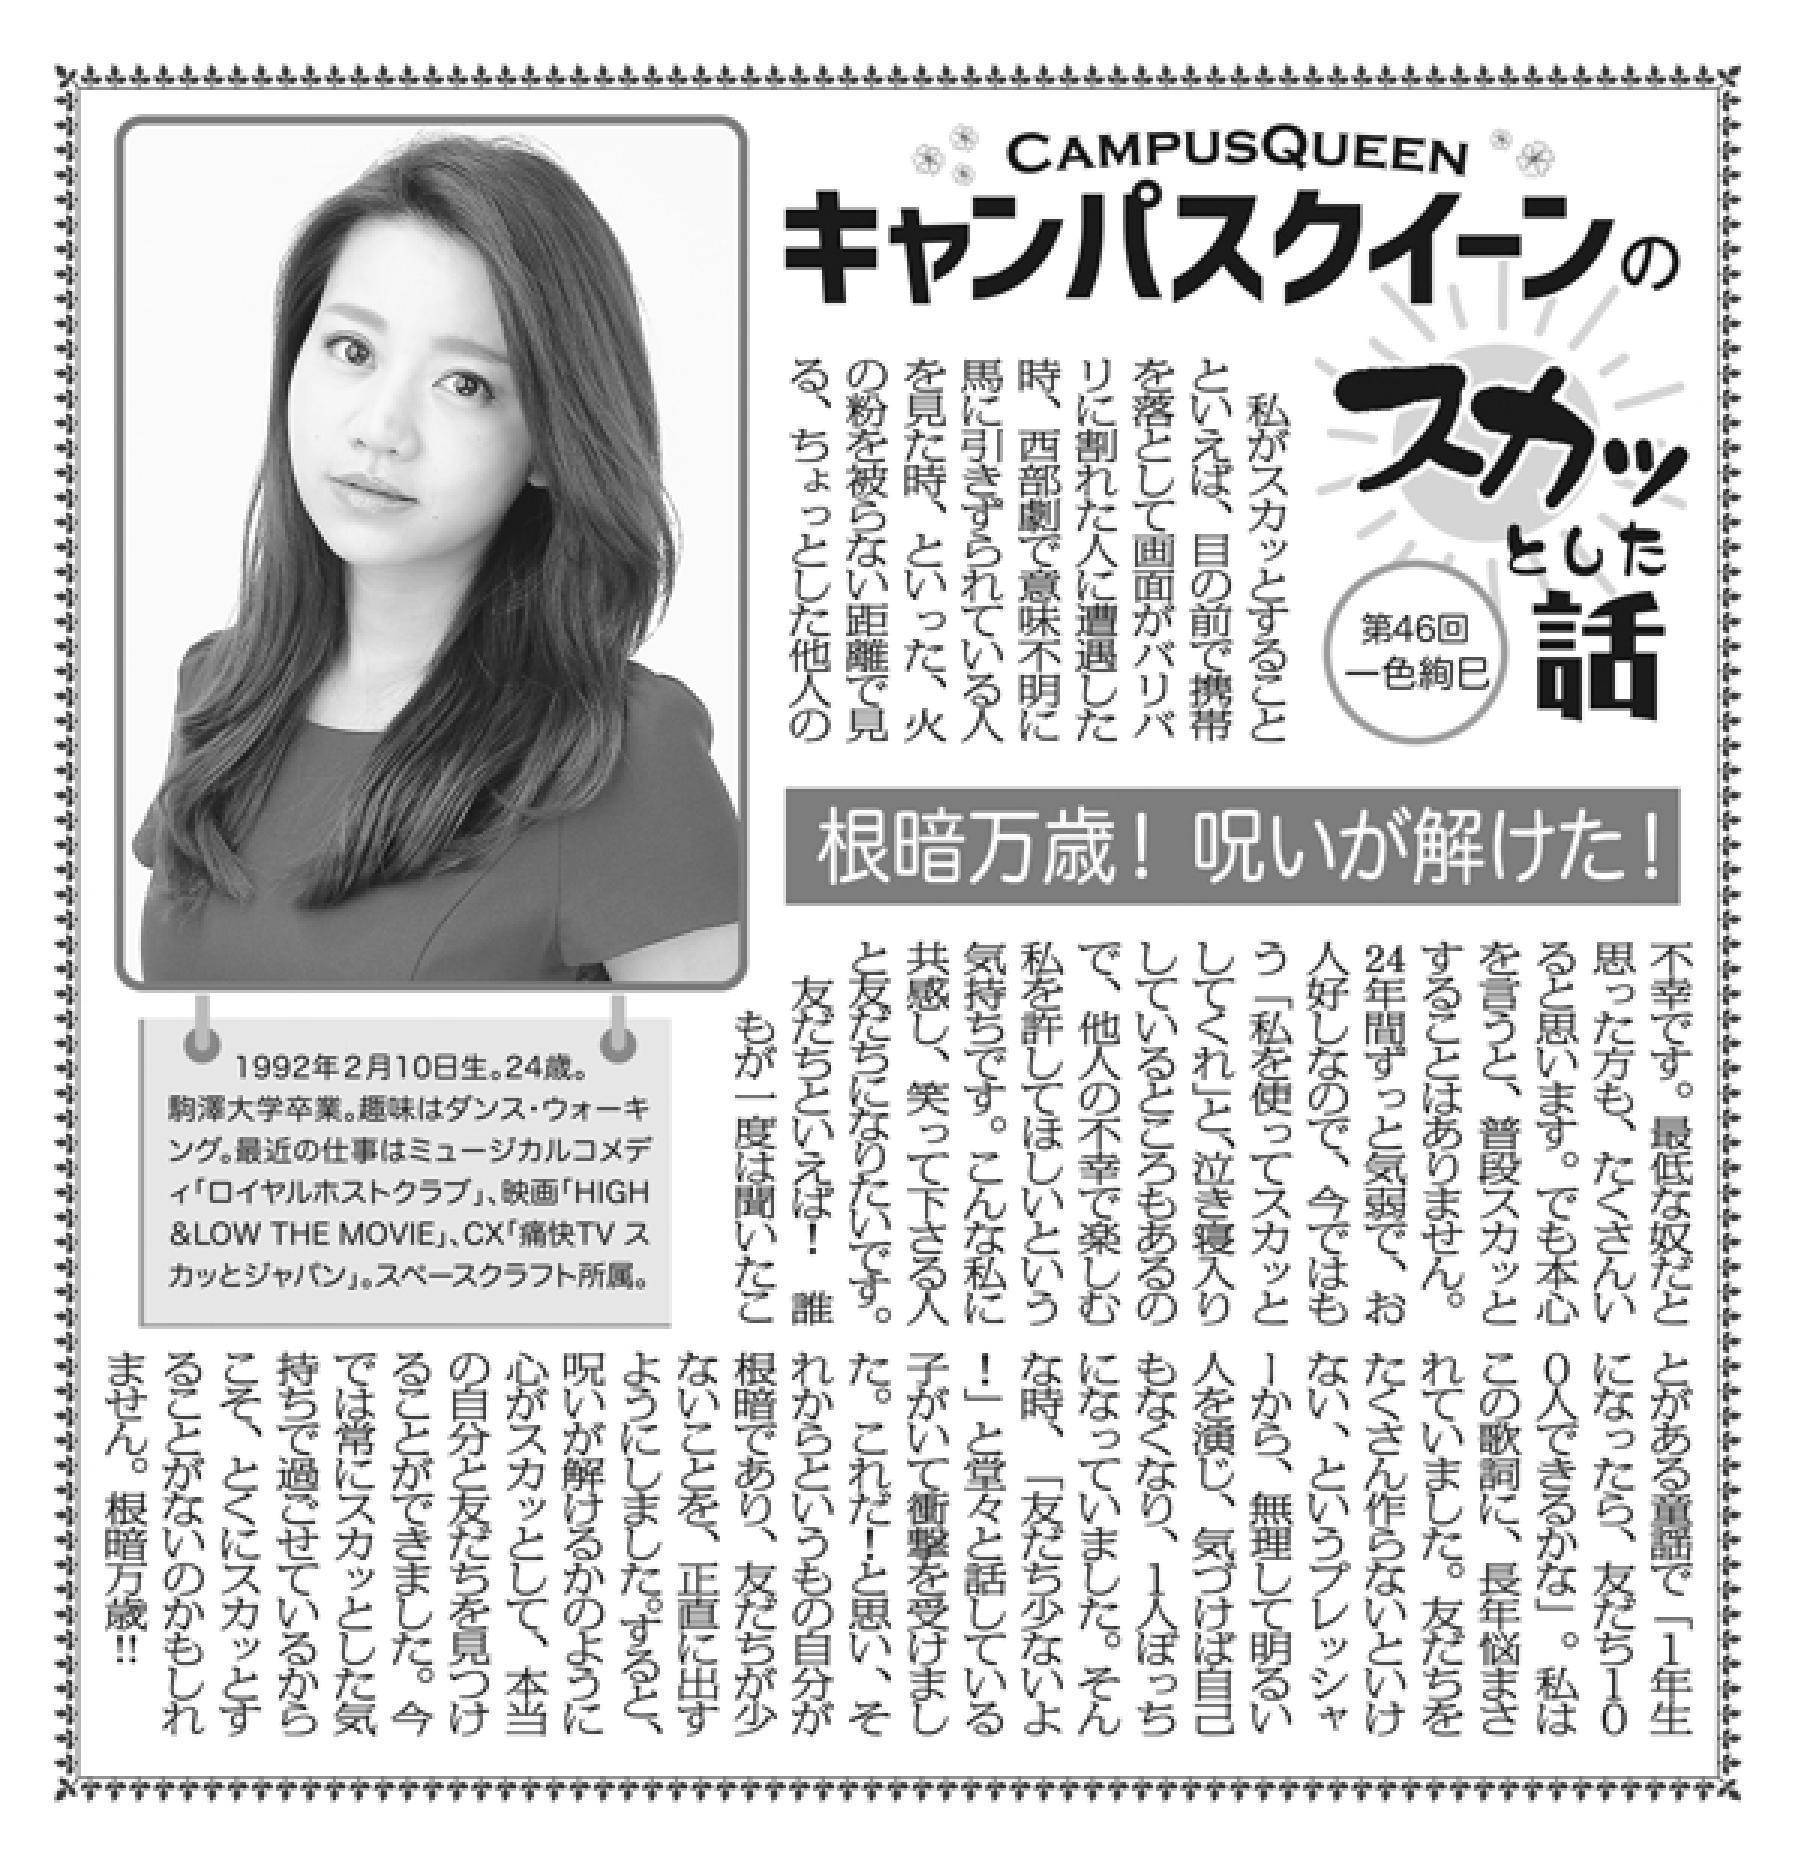 日刊ゲンダイ 連載リレーコラム ...